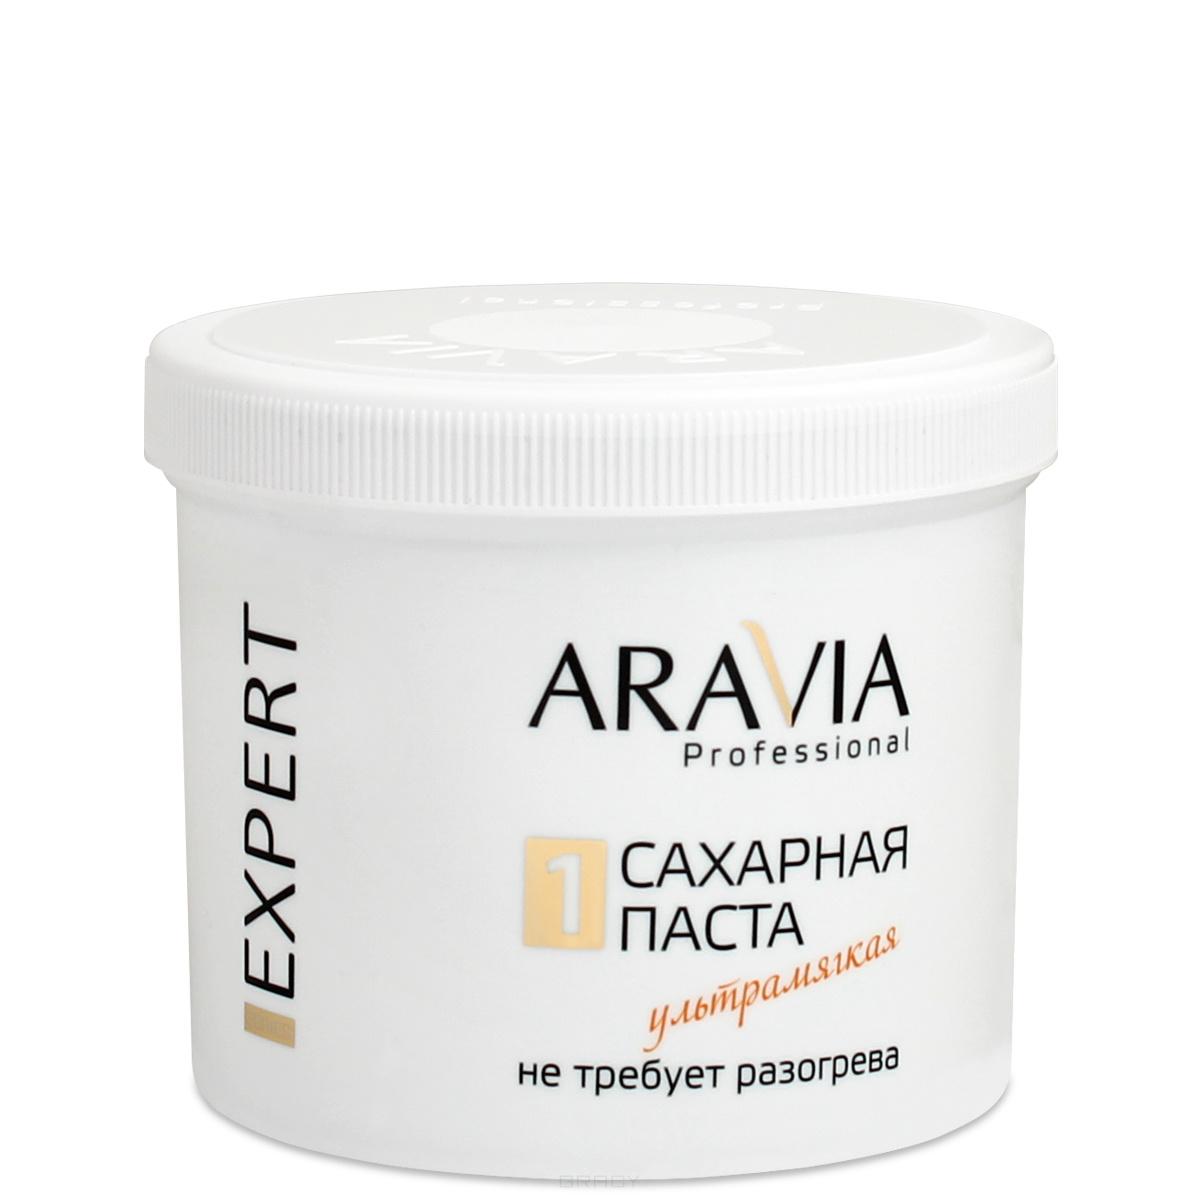 Aravia, Сахарная паста для депиляции EXPERT 1